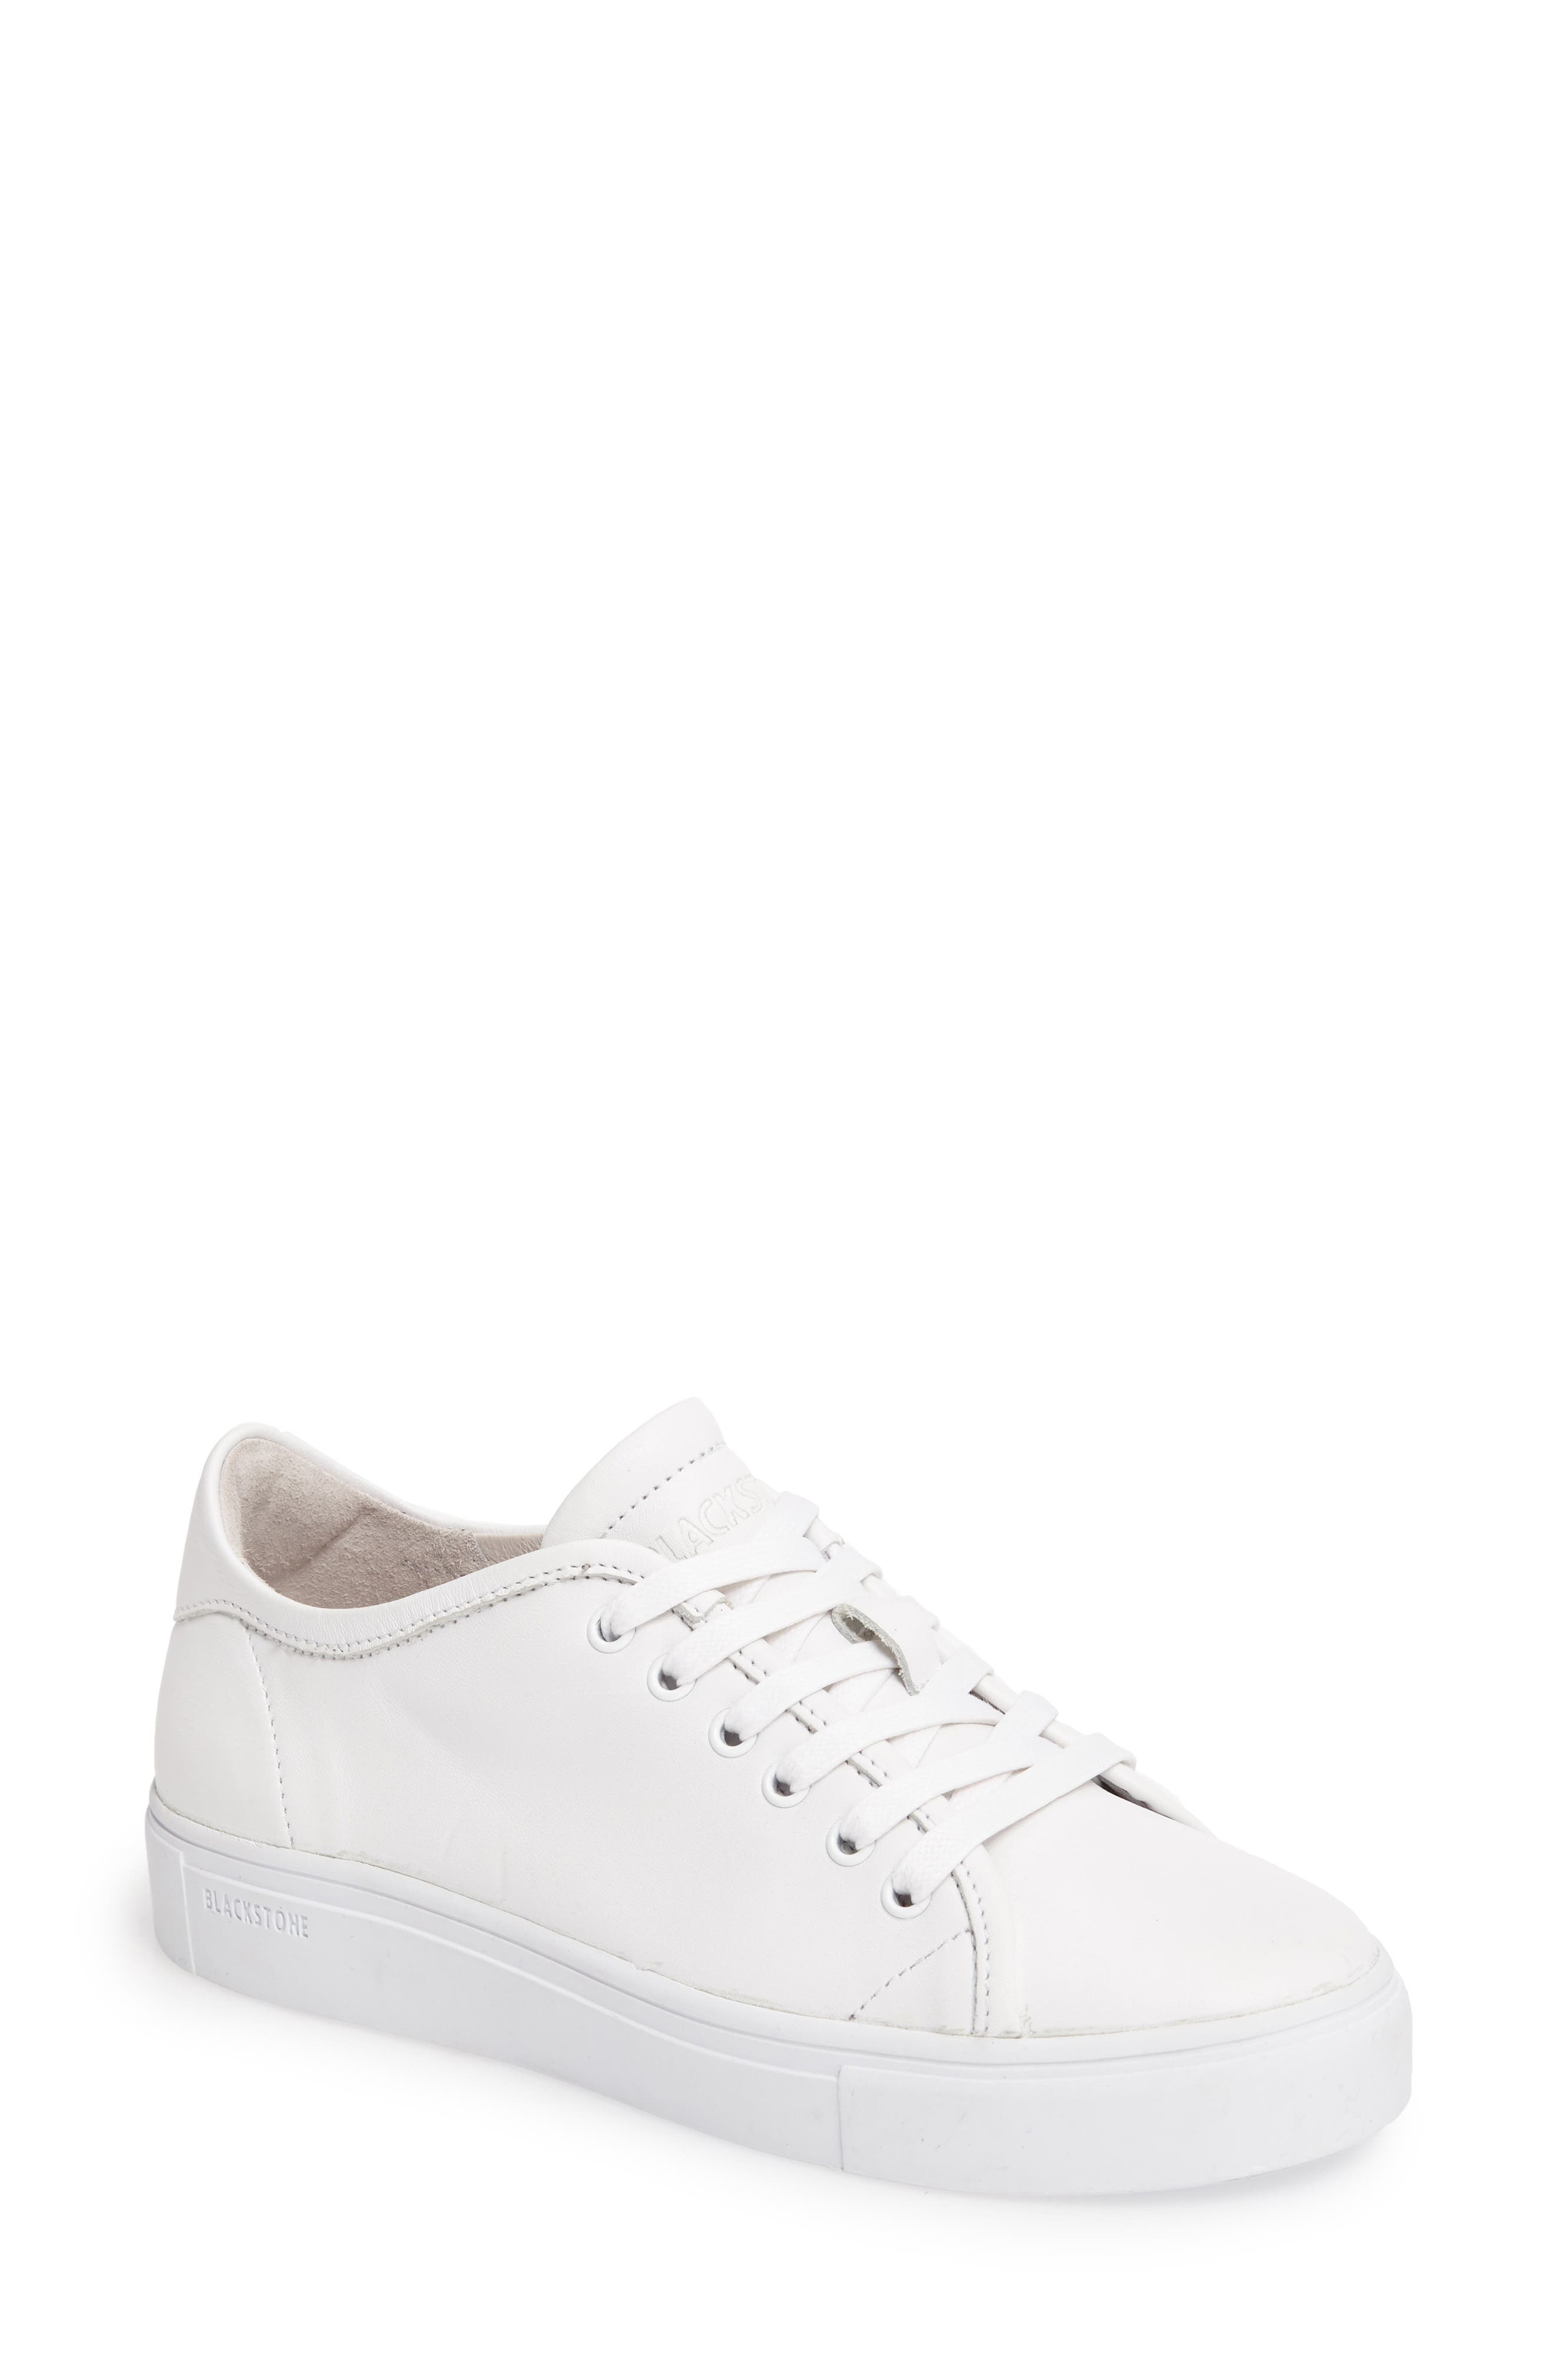 NL33 Sneaker,                         Main,                         color, 100